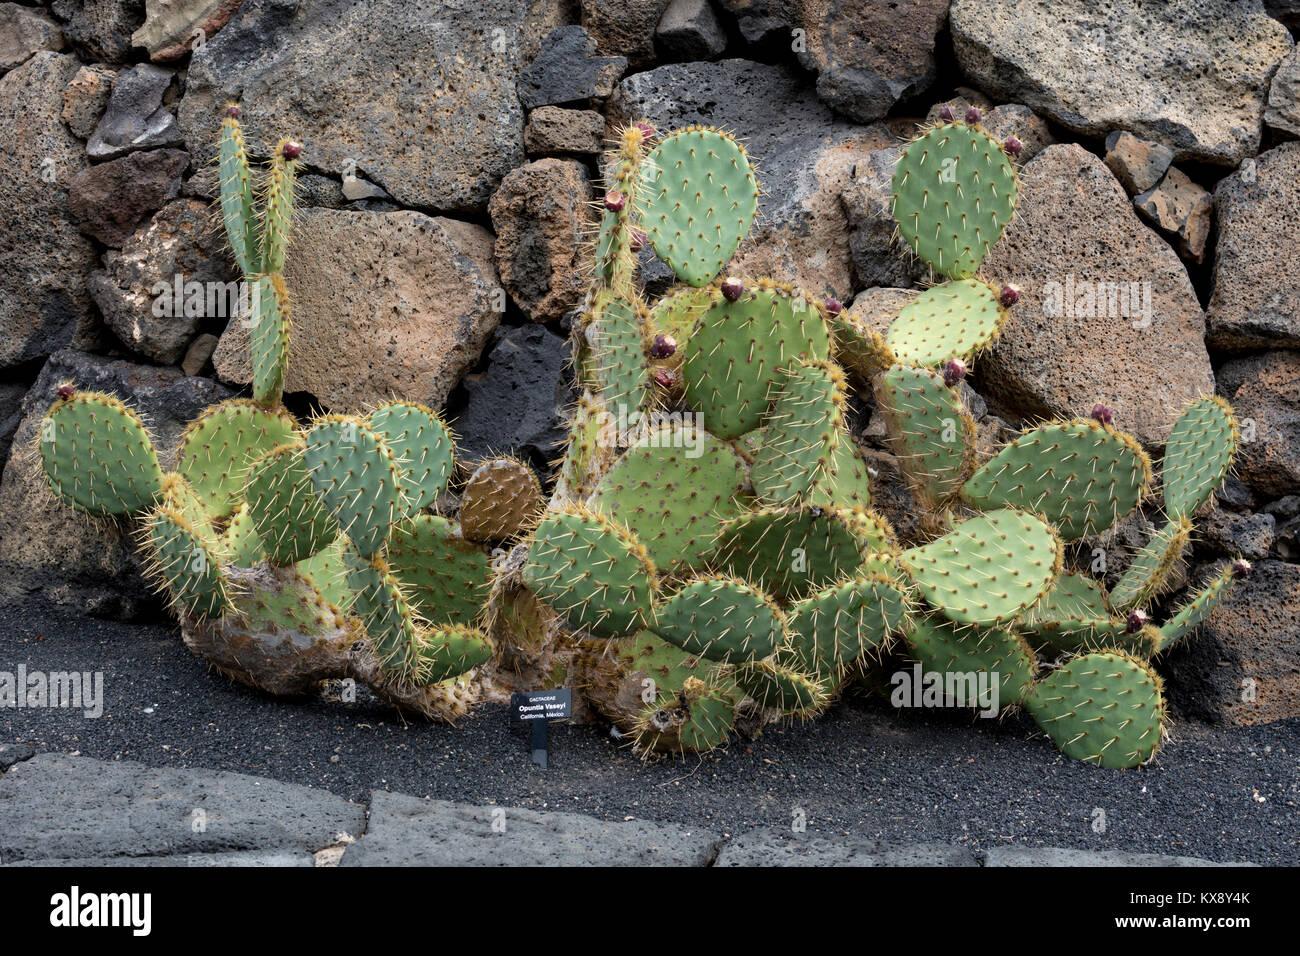 Cactus family cactaceae stock photos cactus family for Jardines con cactus